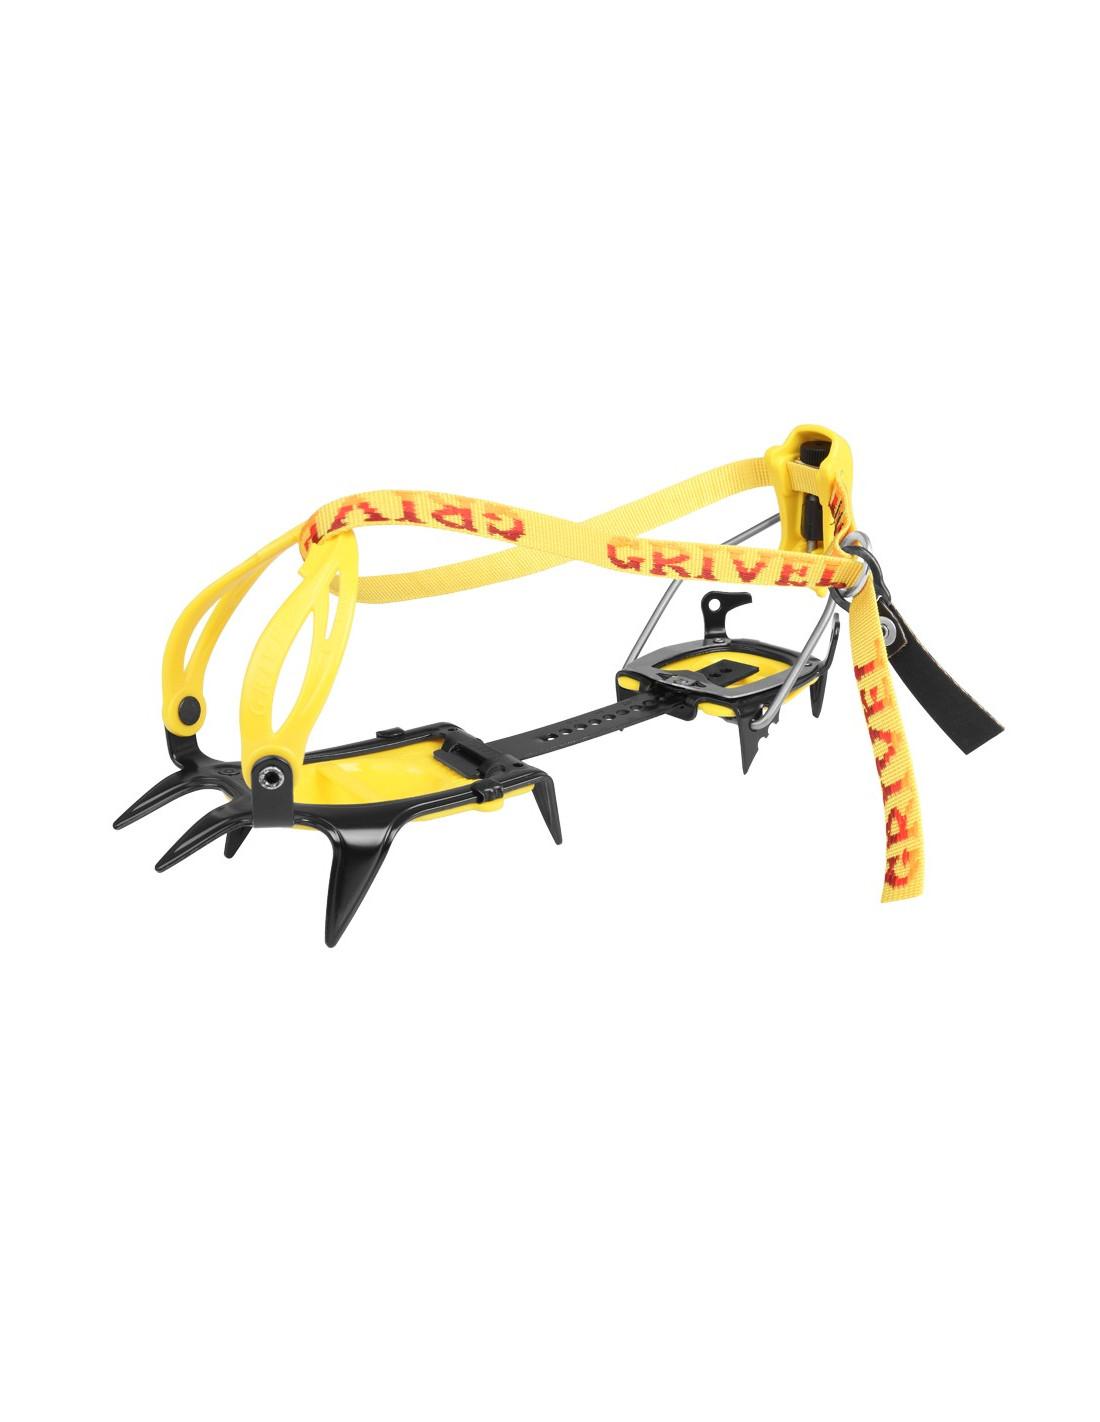 Grivel Steigeisen G10 Steigeisenverwendung - Eisklettern, Zackenanzahl - 10 Zack